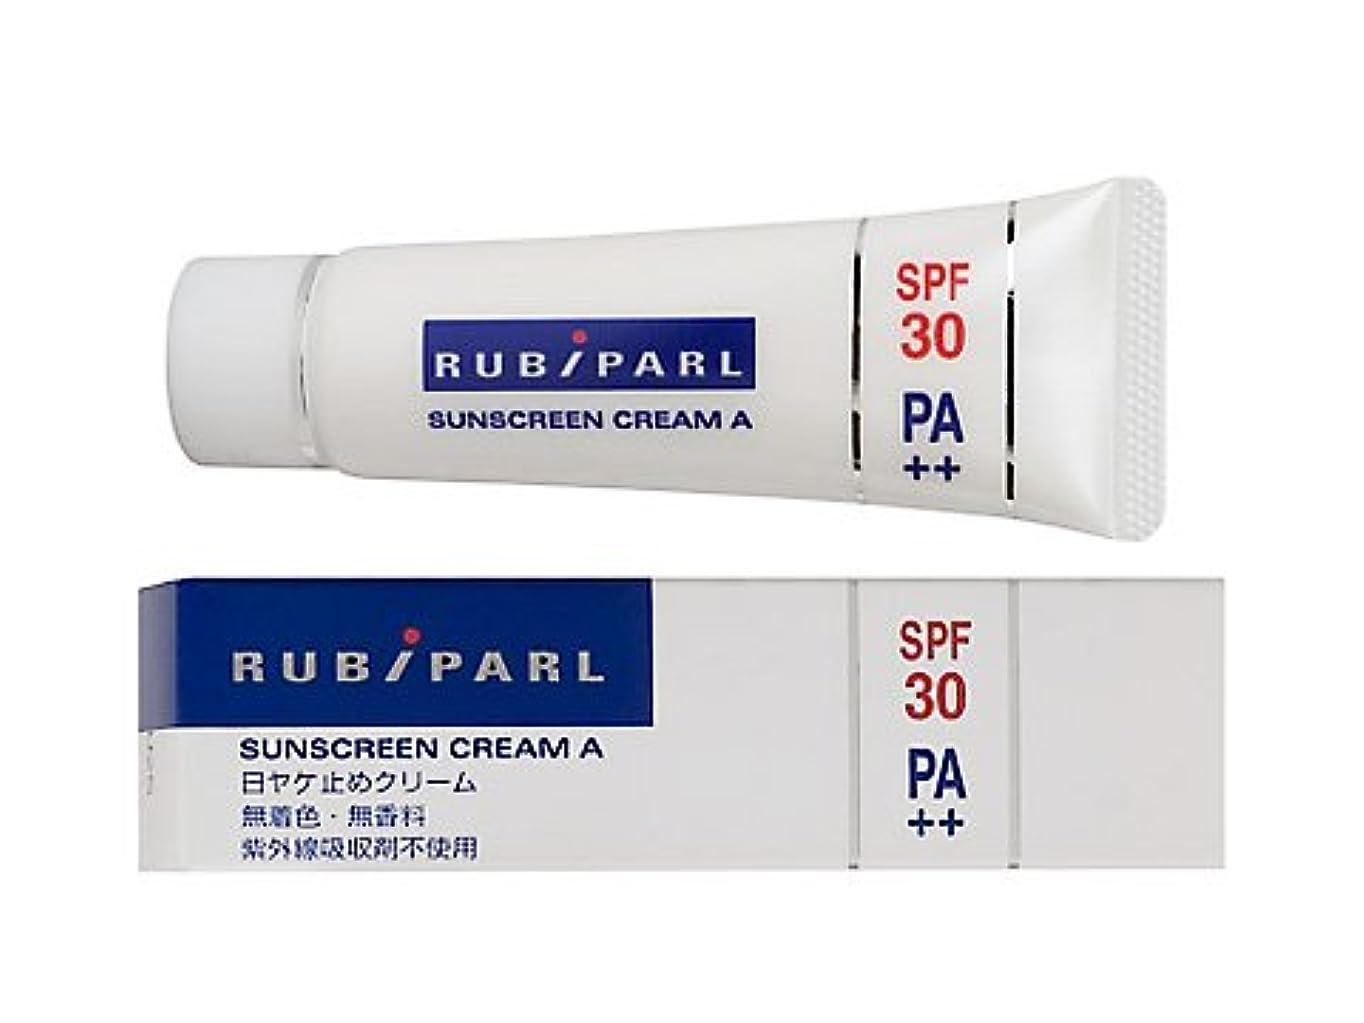 エアコン補体安らぎルビパール サンスクリーンクリームA 15g (ミニ) 日ヤケ止めクリーム SPF30?PA++